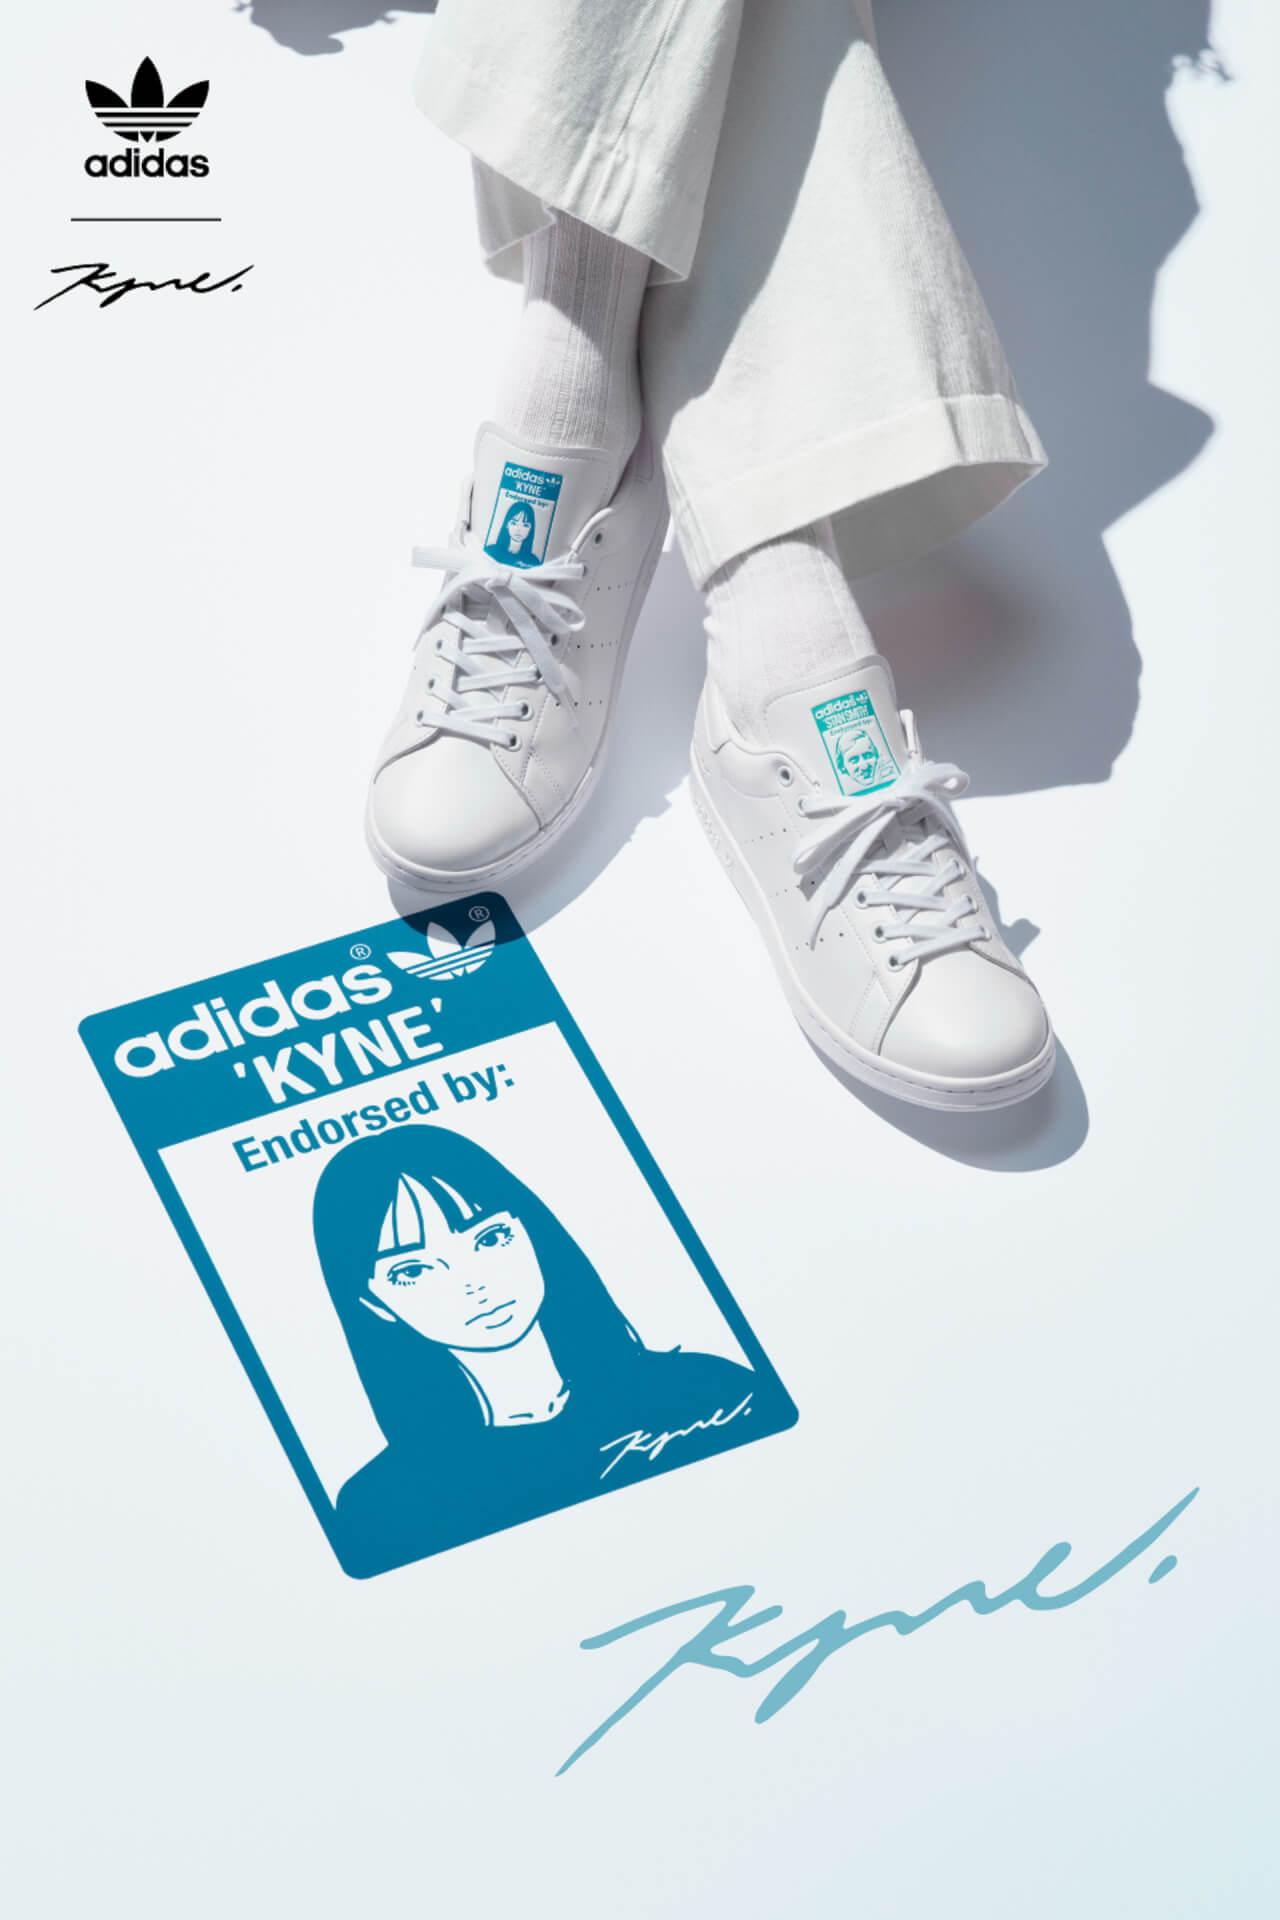 adidas OriginalsとKYNEのコラボが実現!STAN SMITH KYNEとグラフィックTが発売決定 life210607_adidasoriginals_kyne_4